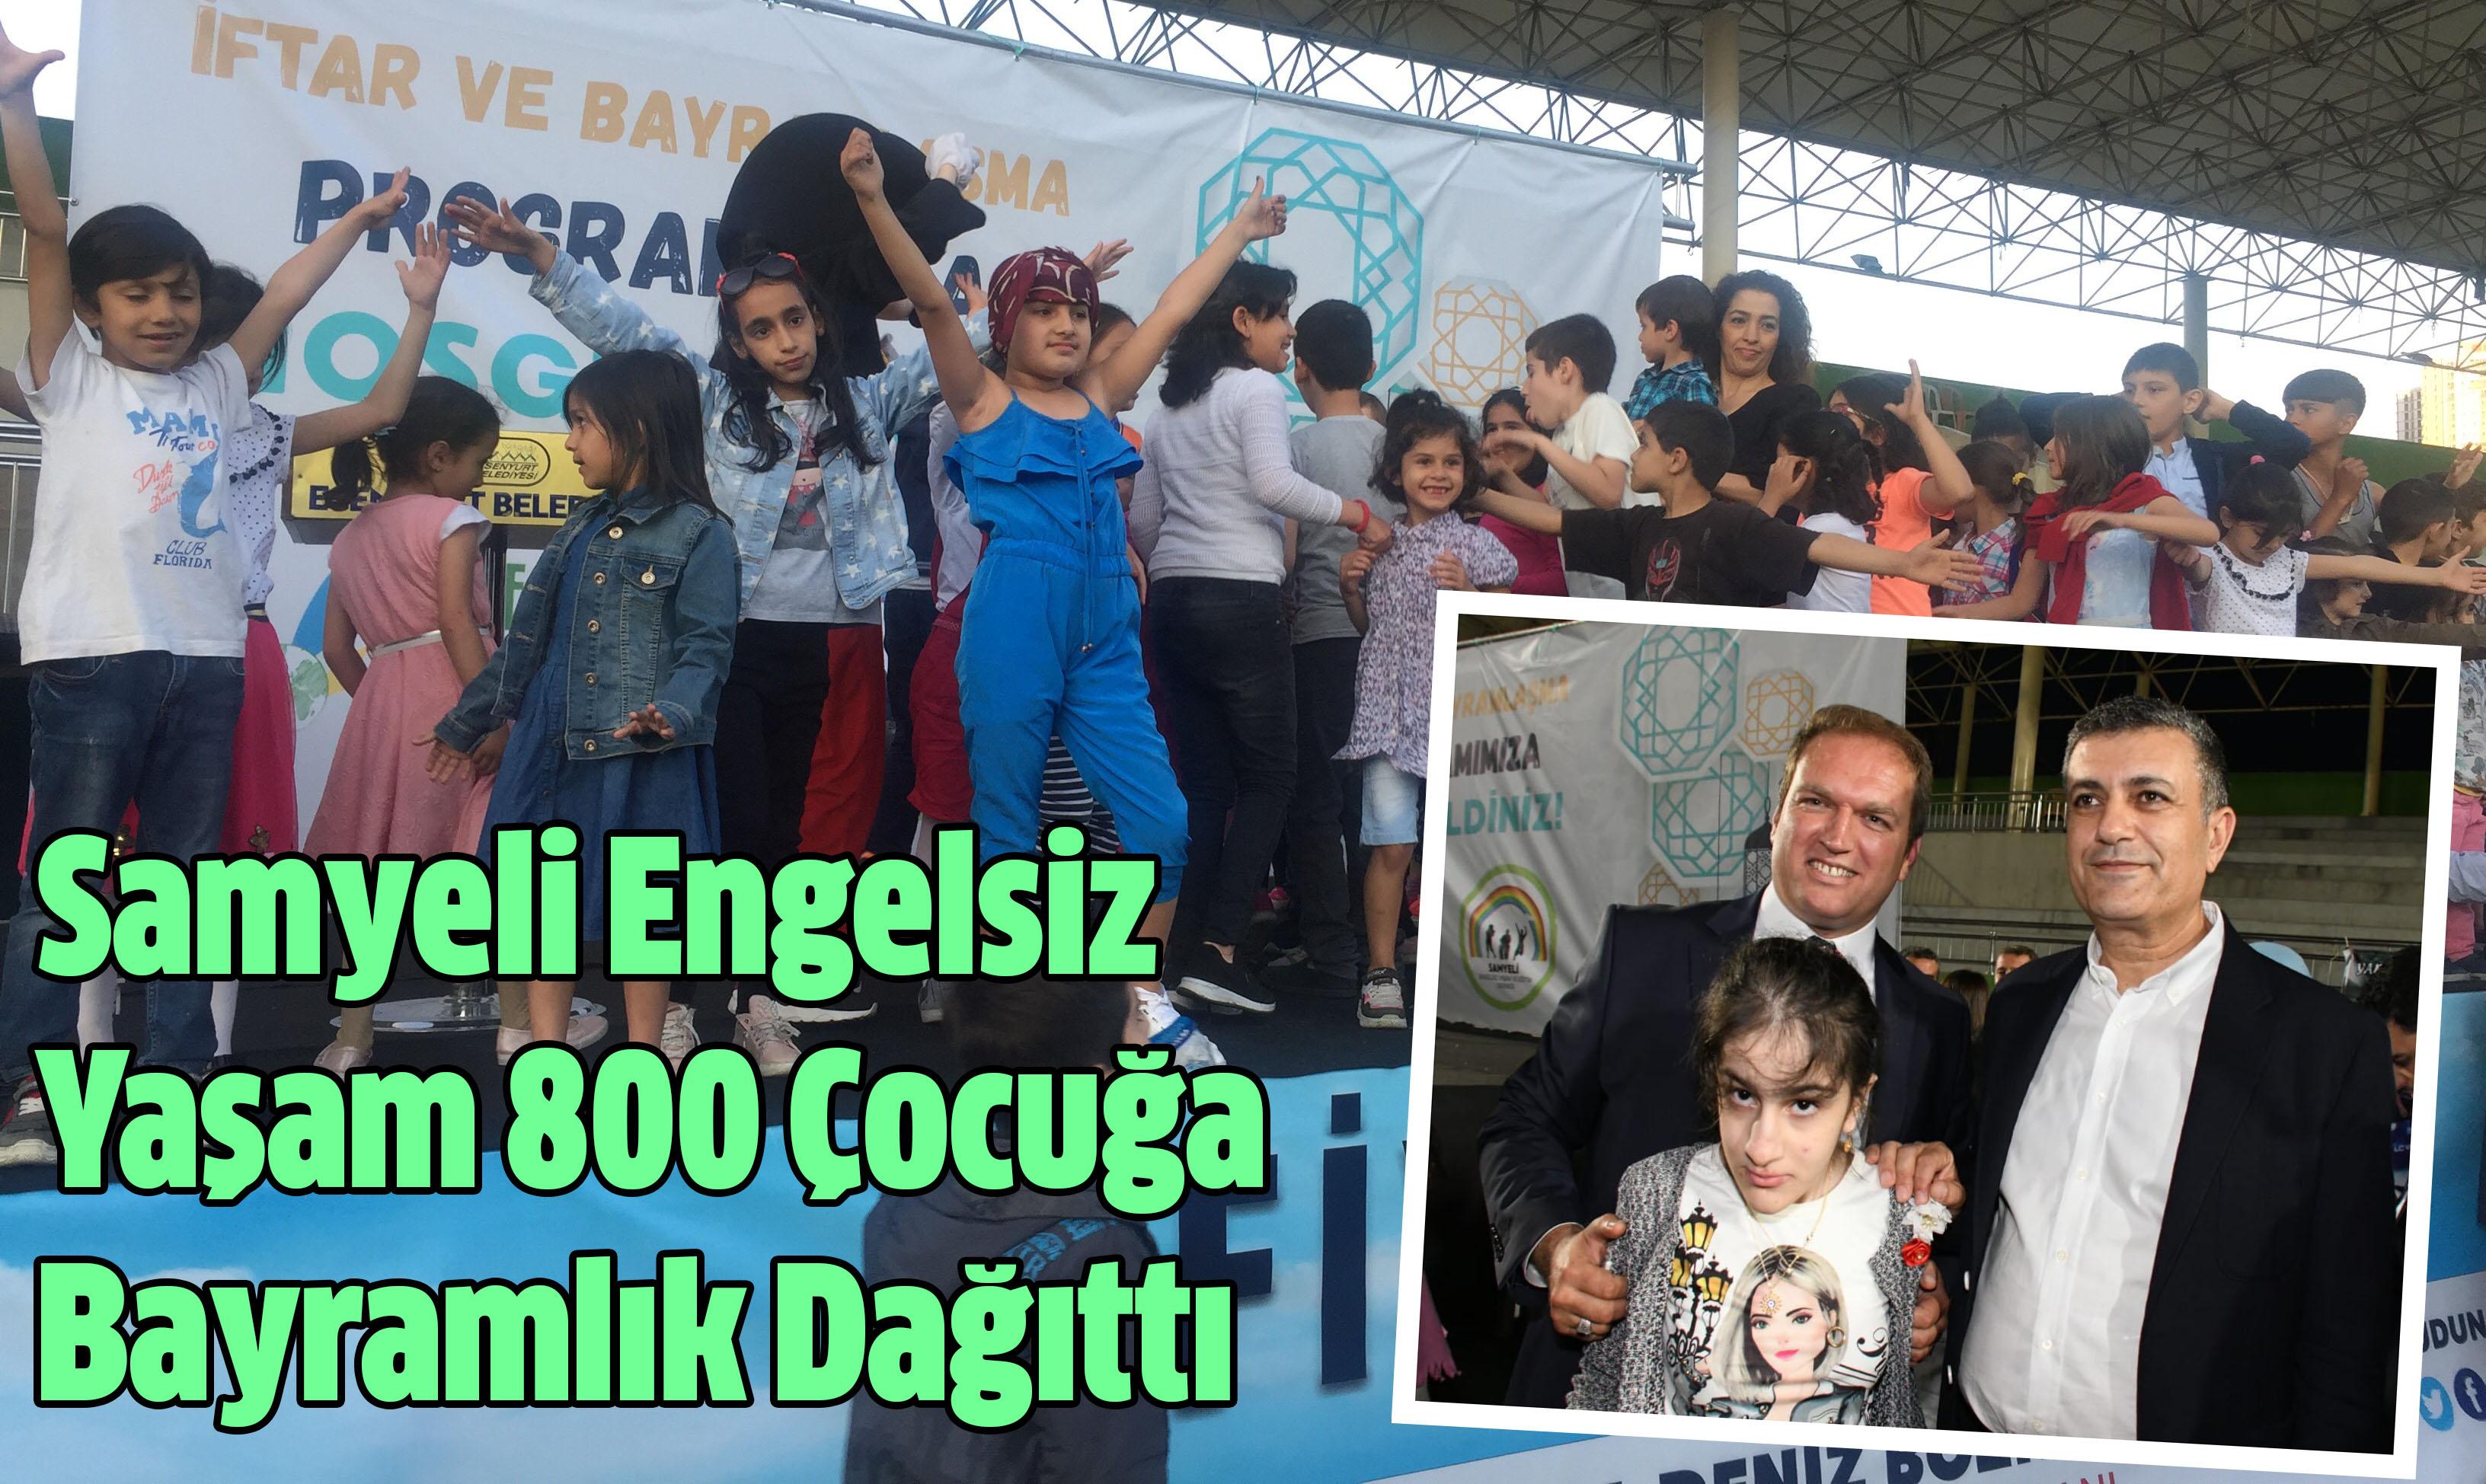 Samyeli Engelsiz Yaşam 800 Çocuğa Bayramlık Dağıttı